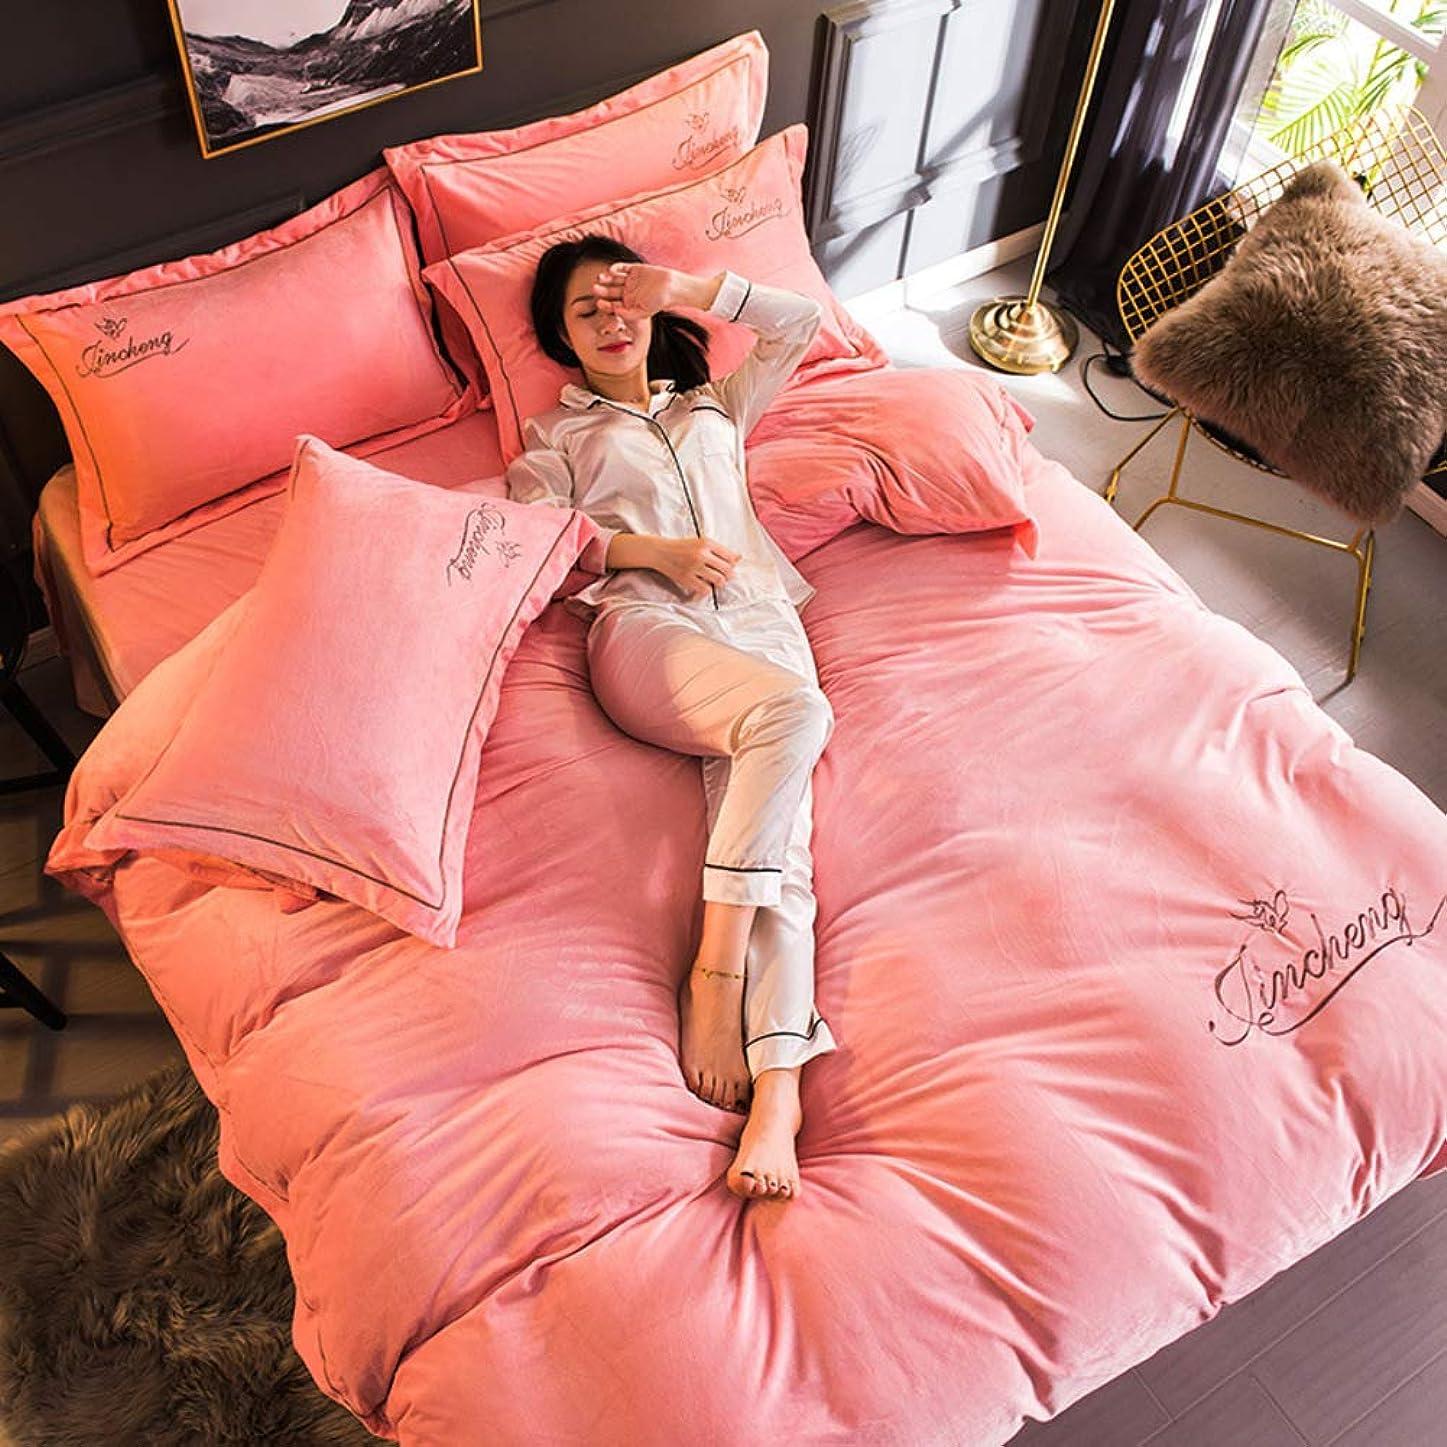 瞑想する生まれ降ろすファイバー ベルベット 布団カバー, フランネル 単色 寝具コレクション 厚く 暖かい 掛け布団カバー ベッド シート 4%-ピンク 220x240cm(87x94inch)